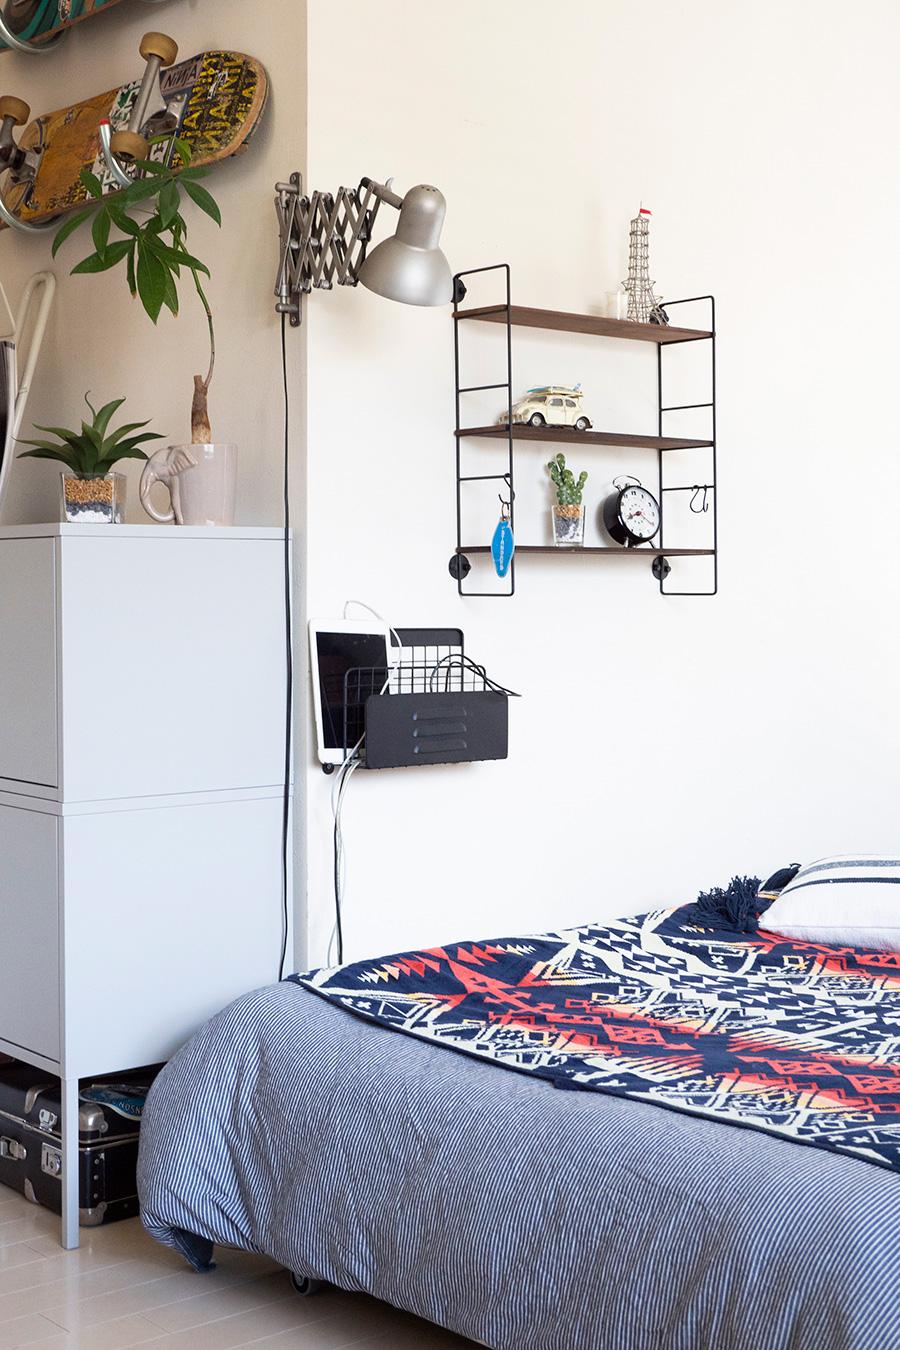 ベッド脇の壁に電子機器置き場を設置。あちこちに散らばるのを防いでいる。